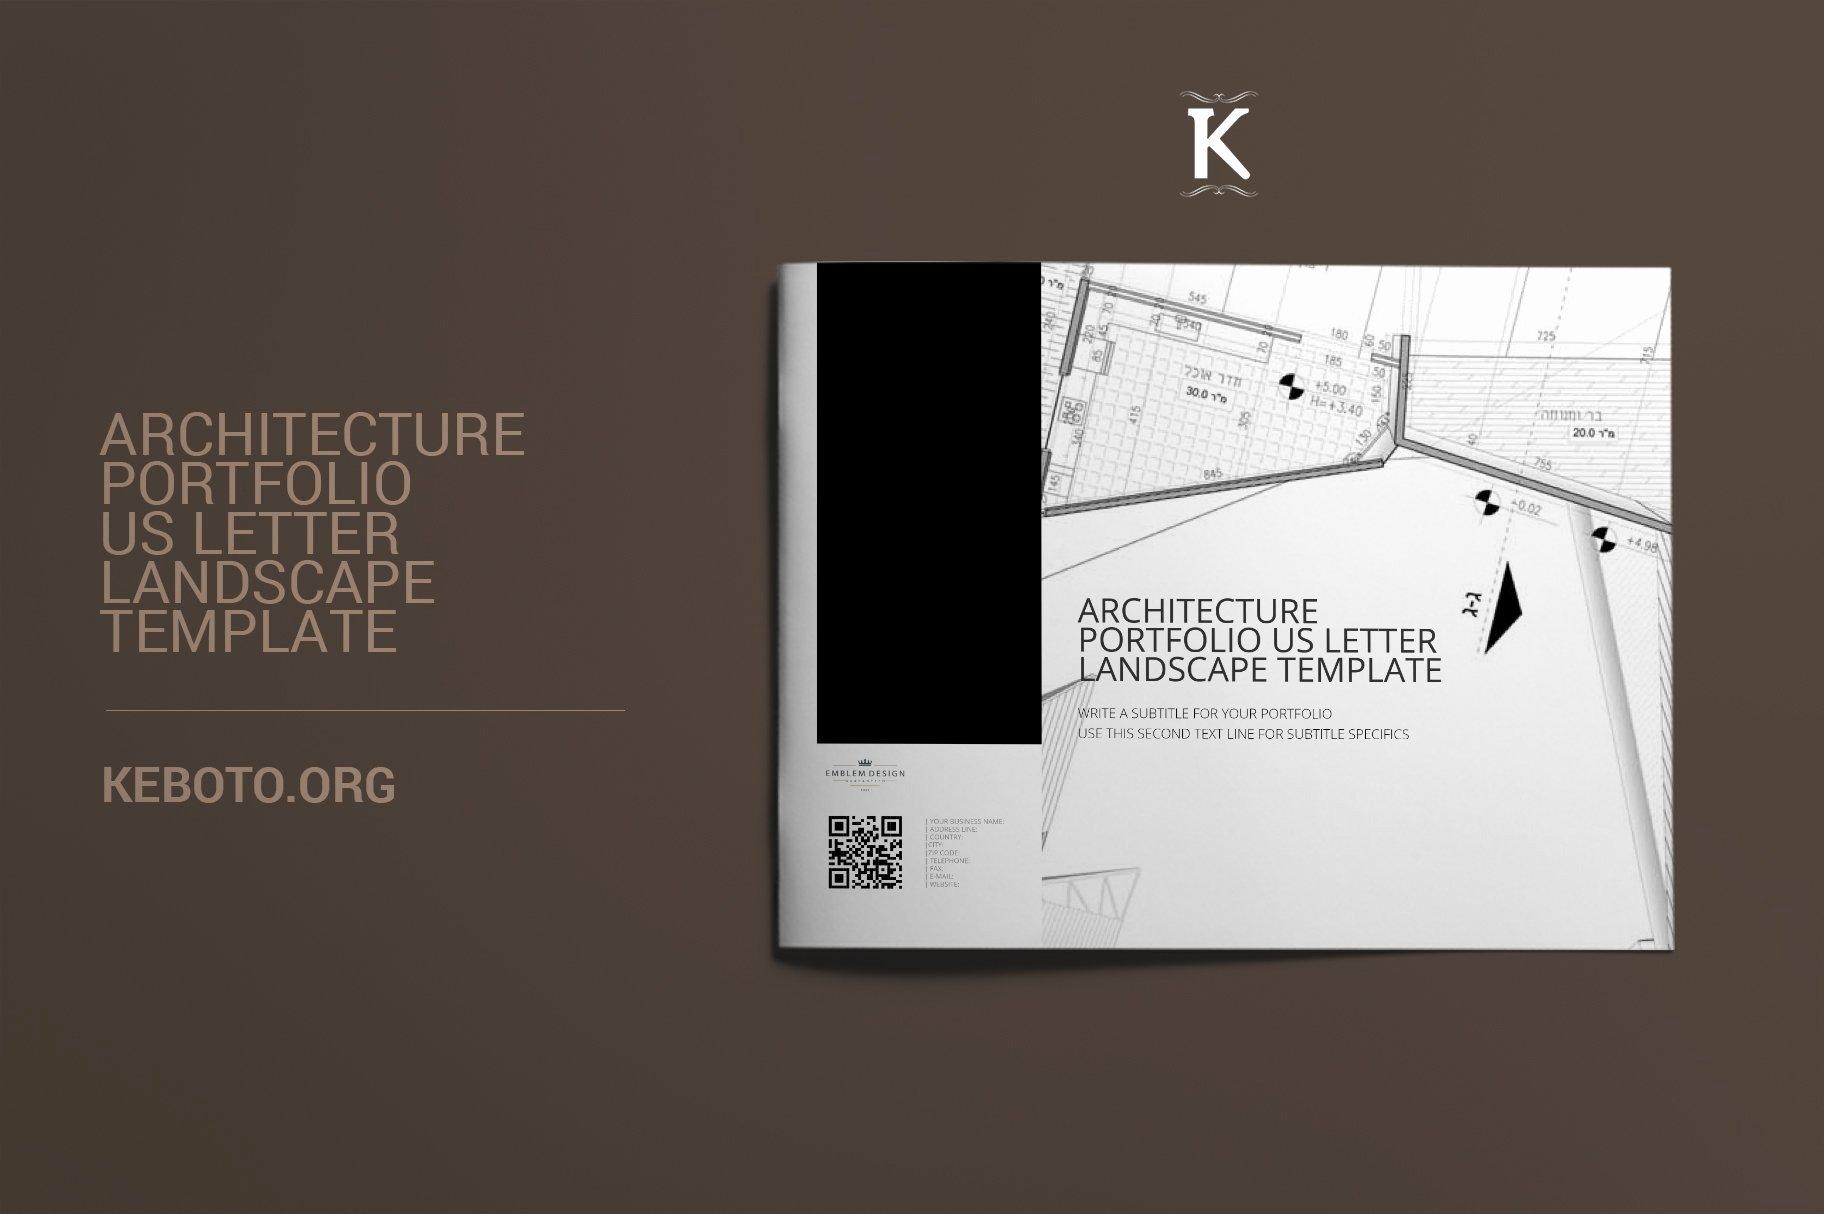 Architecture Portfolio Design Templates Elegant Architecture Portfolio Us Letter Templates Creative Market